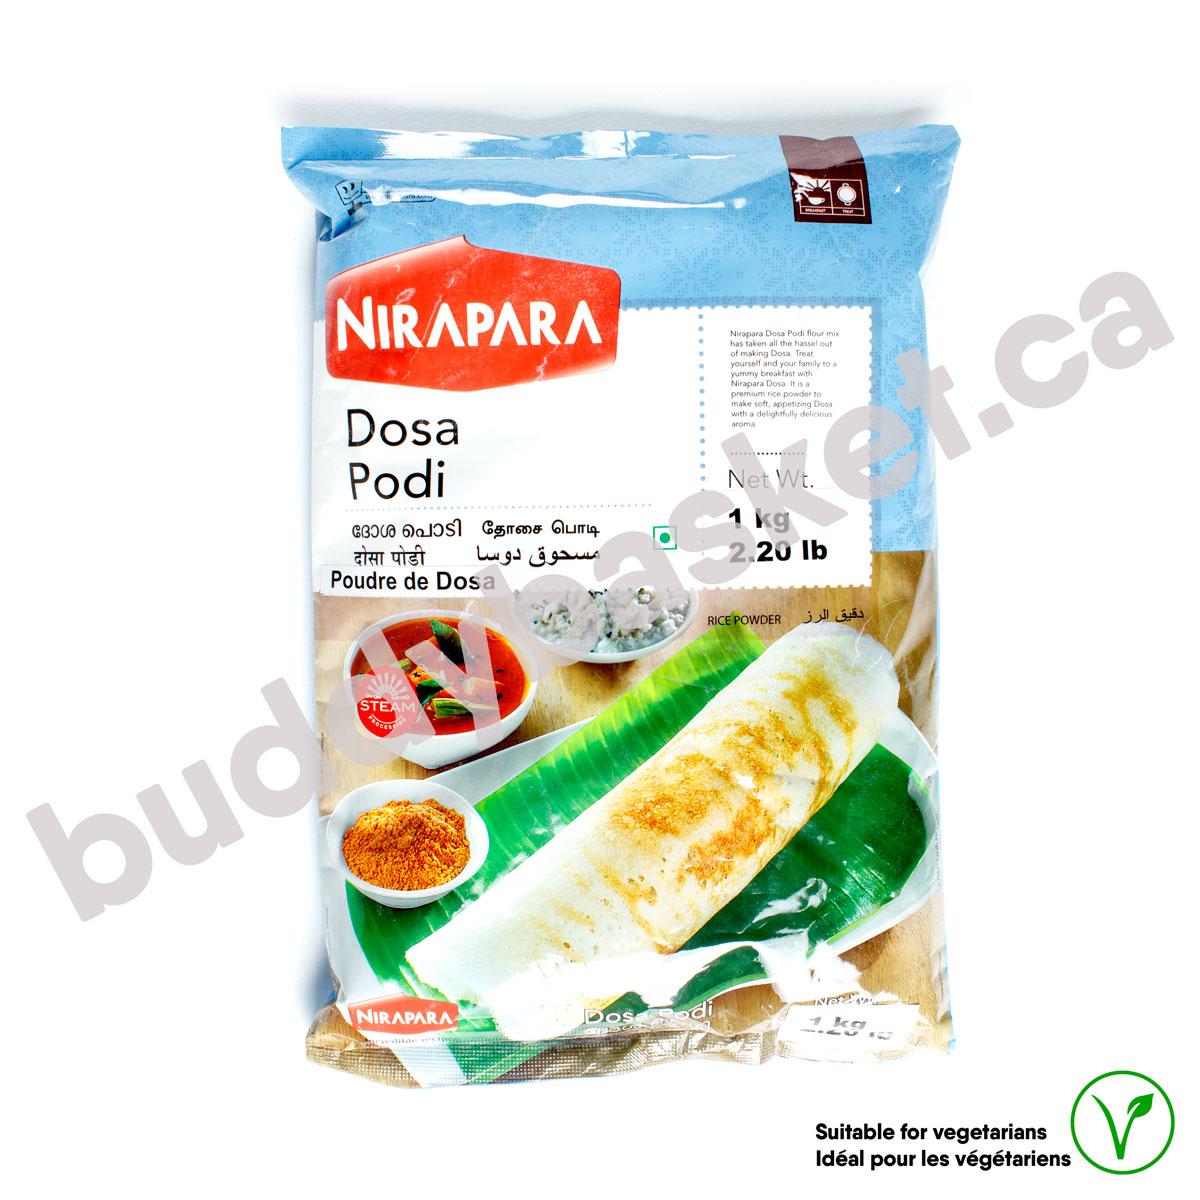 Nirapara Dosa Podi 1kg